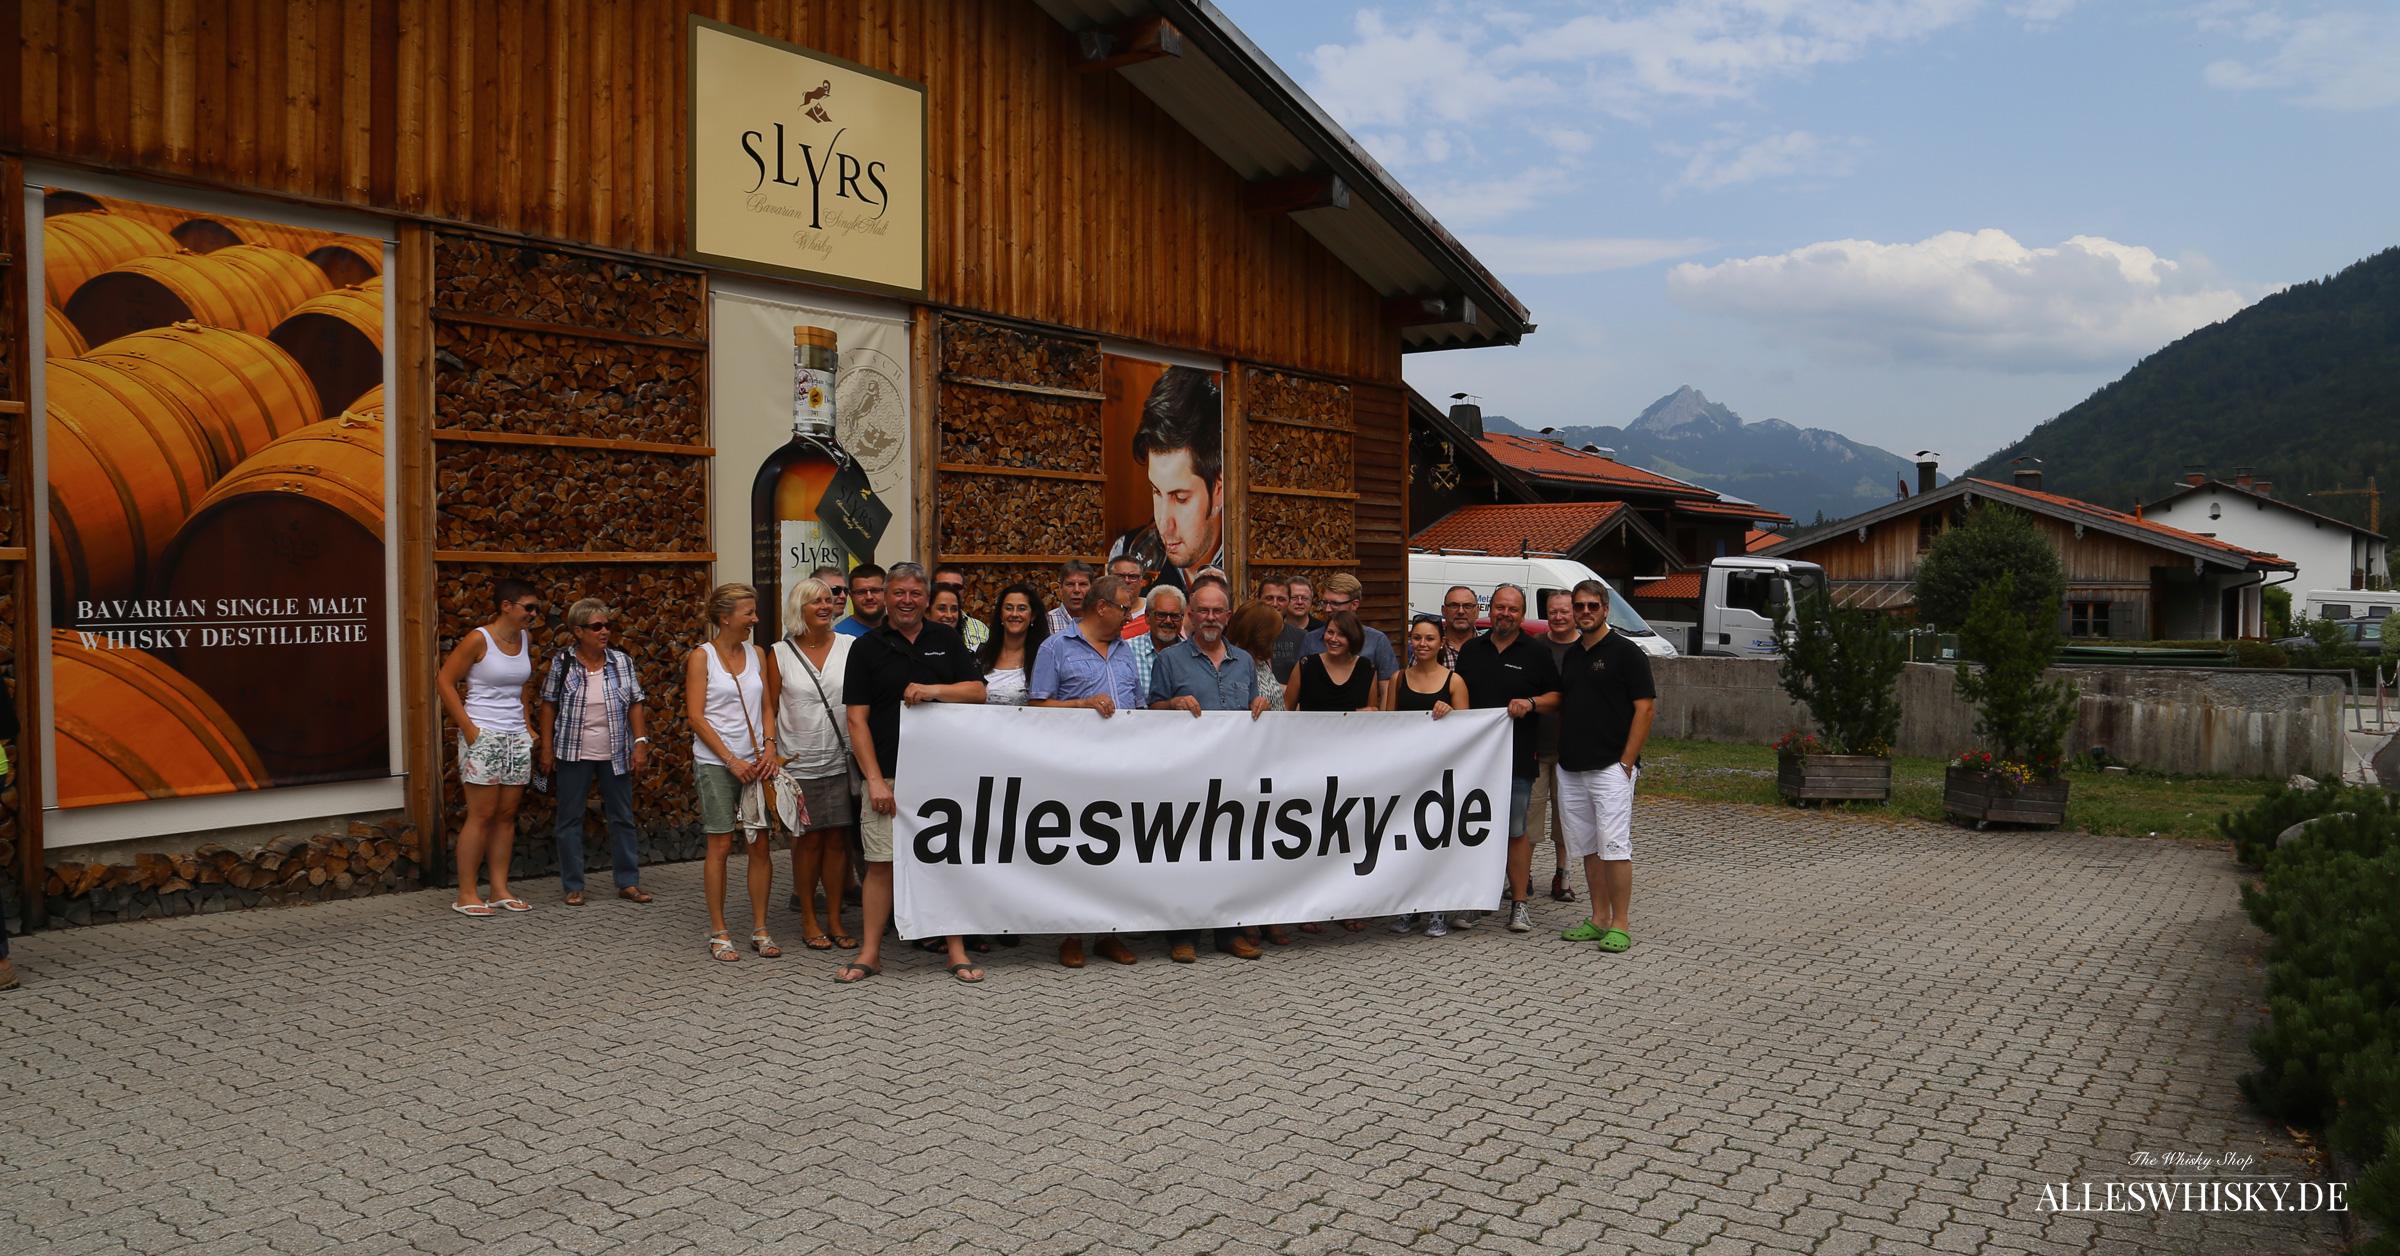 alleswhisky besucht mit einer größeren Reisegruppe am 18. Juli 2015 die Lantenhammer und Slyrs Brennerei